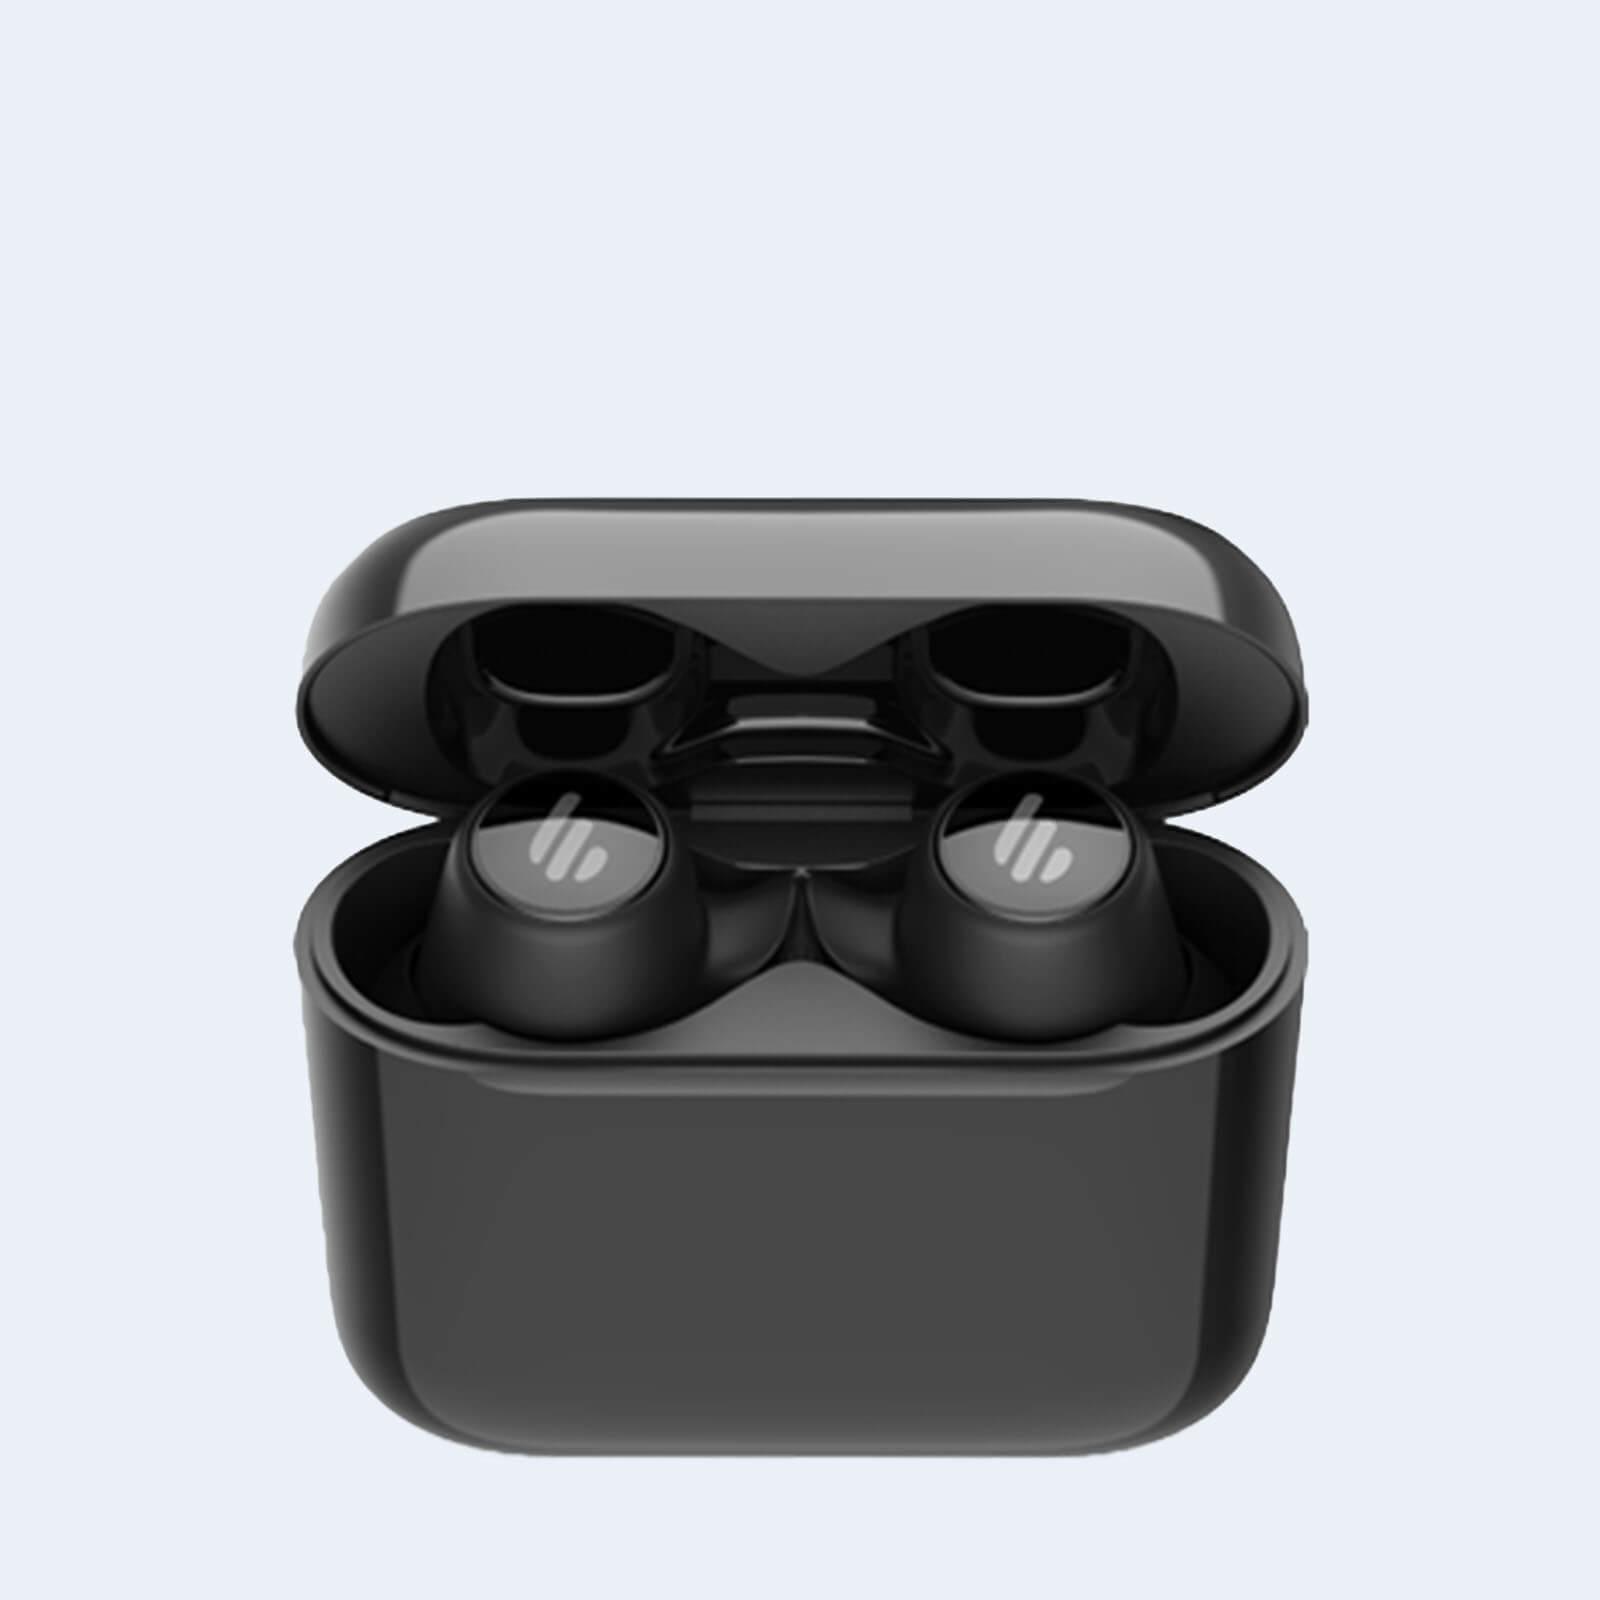 Edifier TWS6 True Wireless Earbuds Review